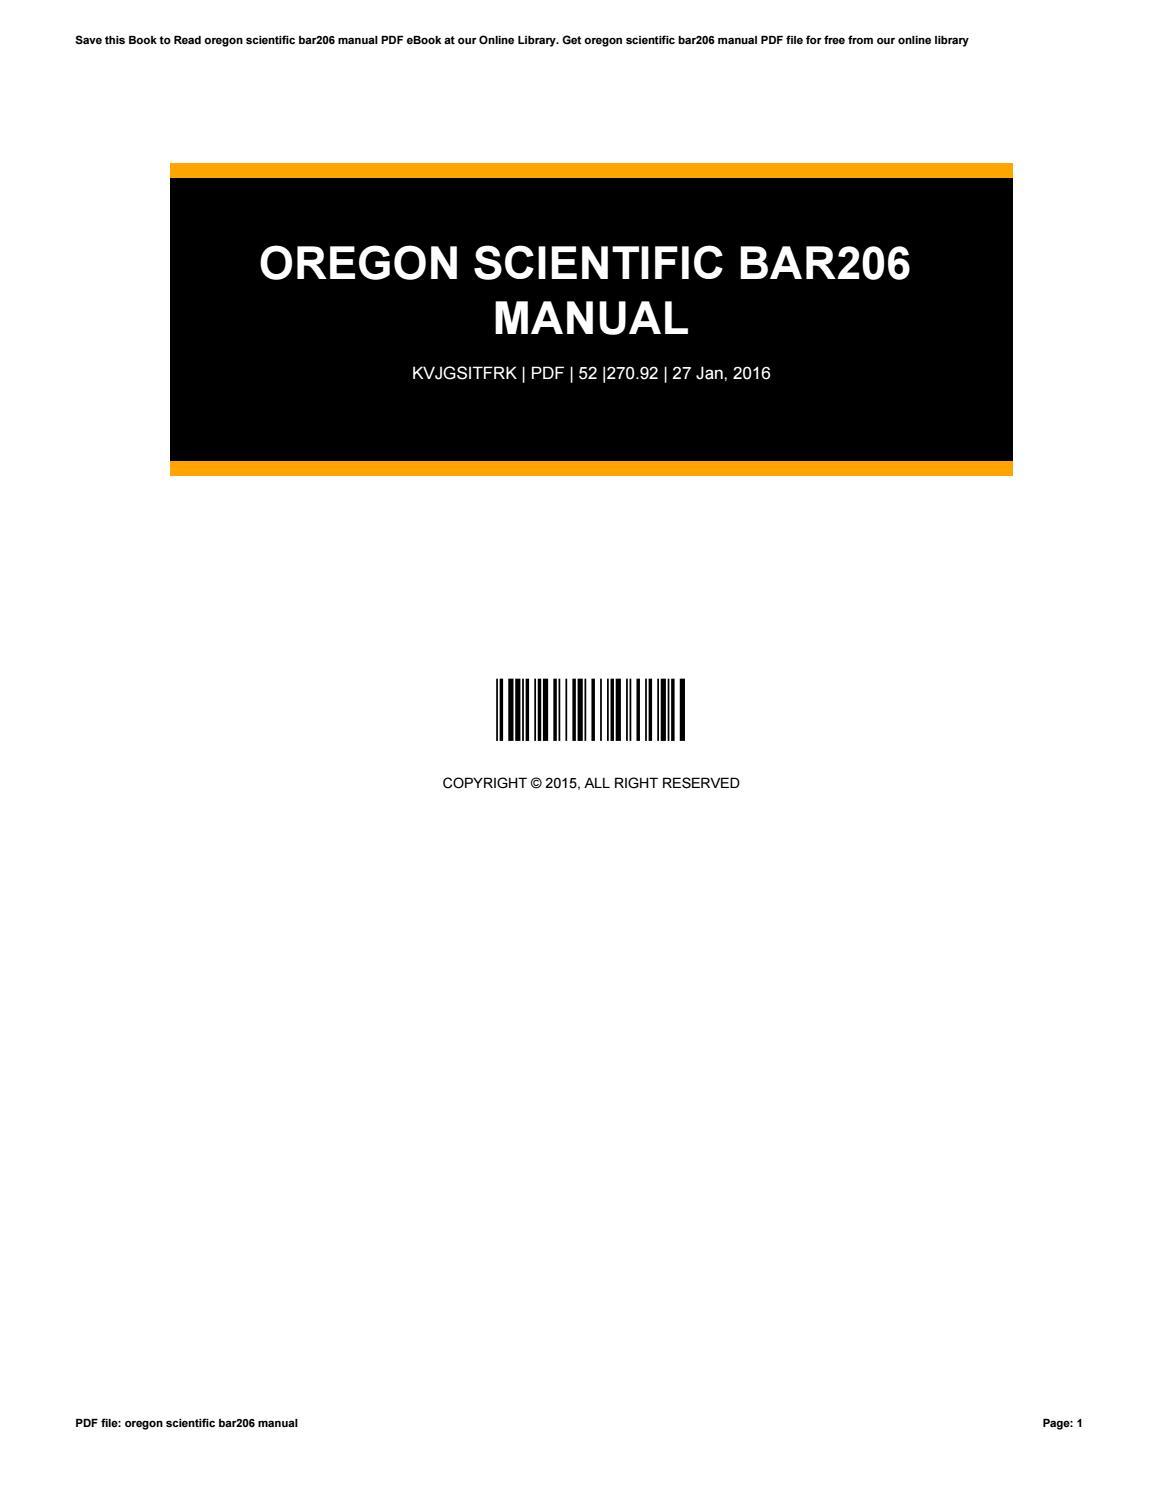 Oregon scientific bar206 инструкция